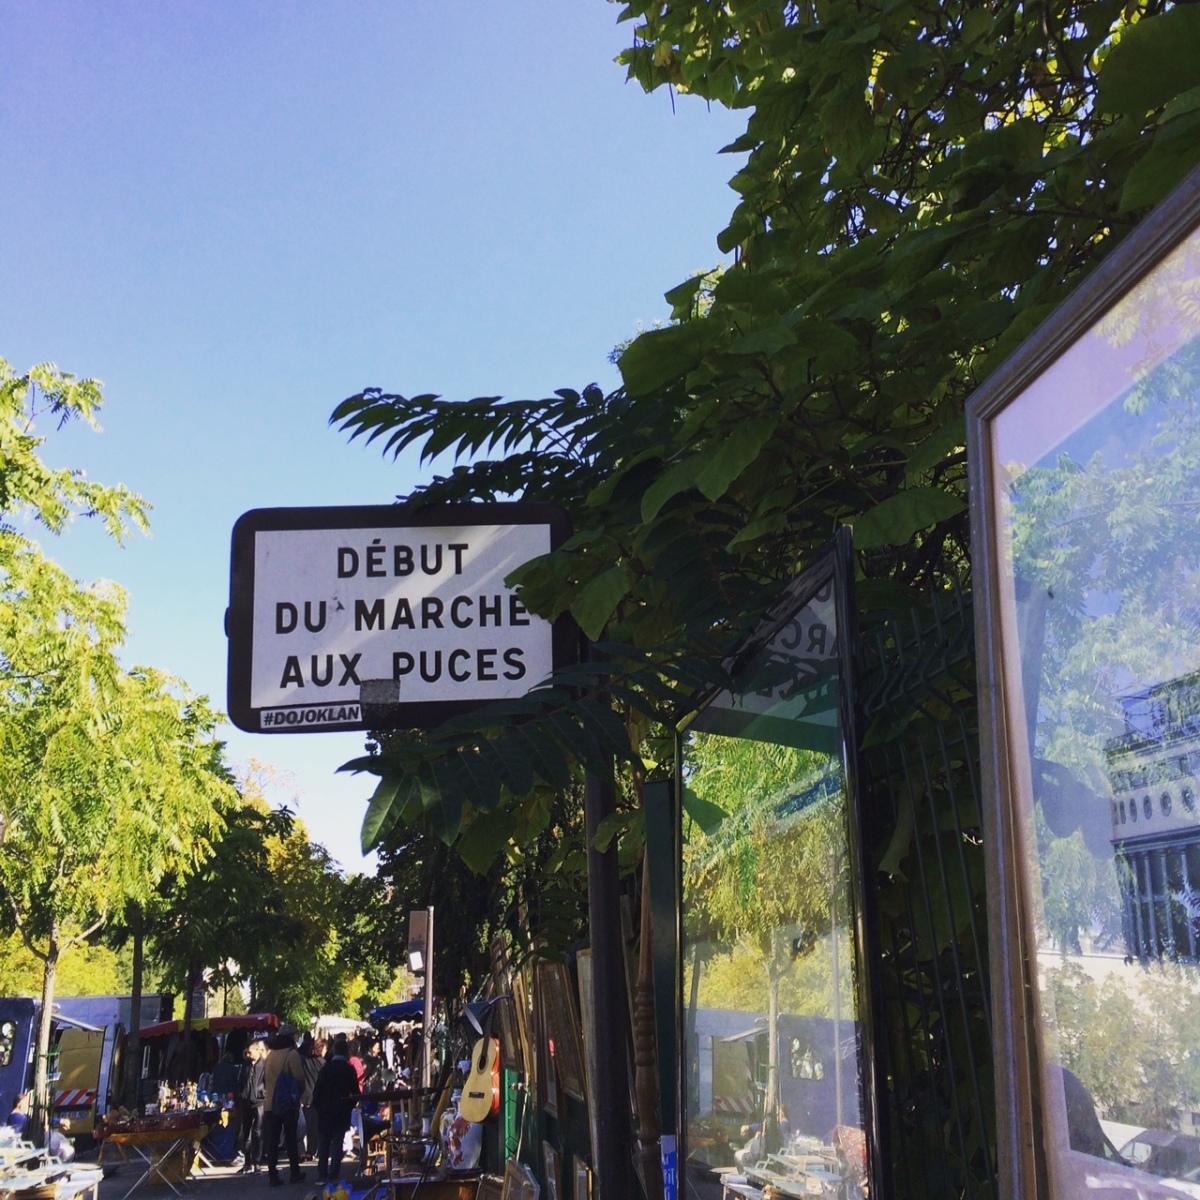 March aux puces flea market de la porte de vanves - Marche aux puces de la porte de vanves ...